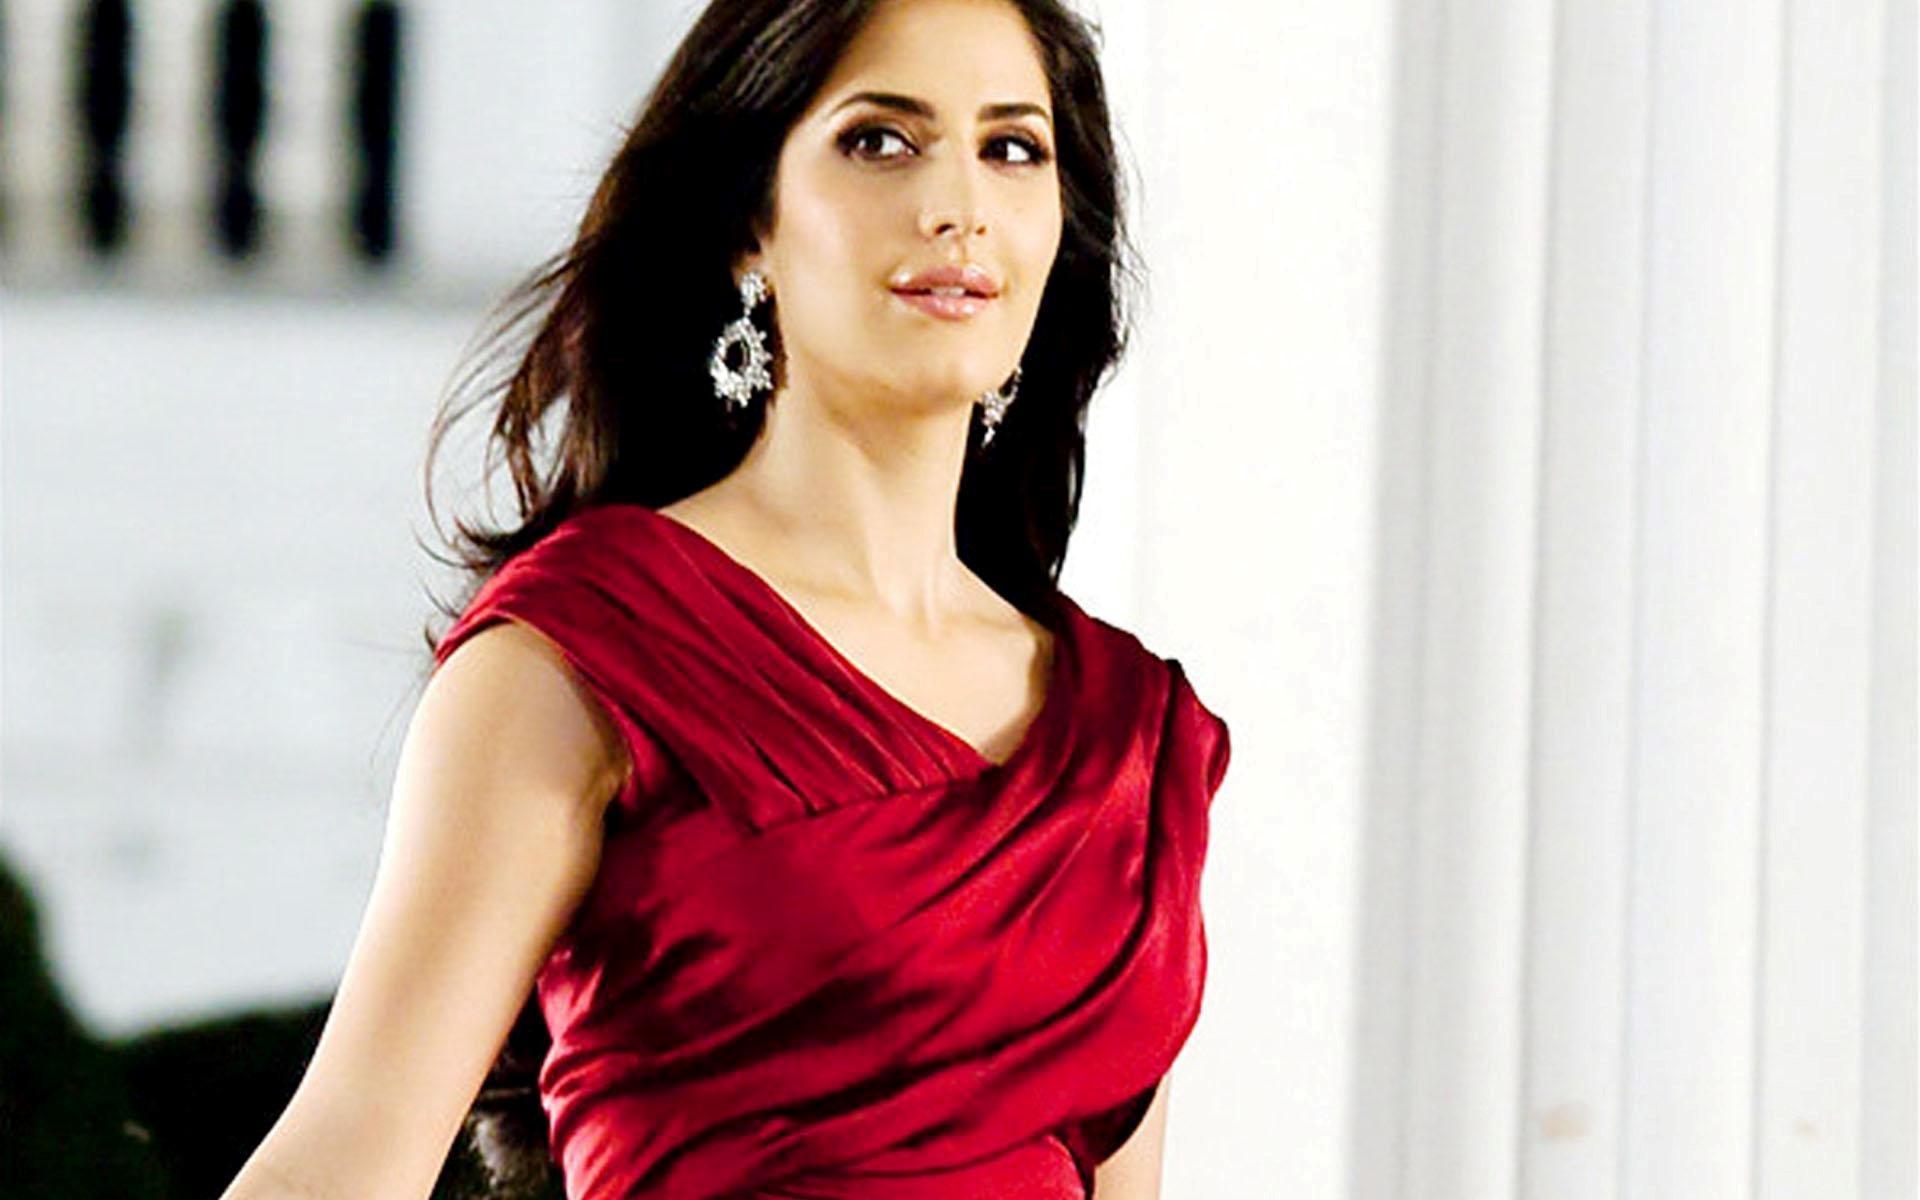 hot bollywood actress meghna naidu iphone wallpapers, bollywood